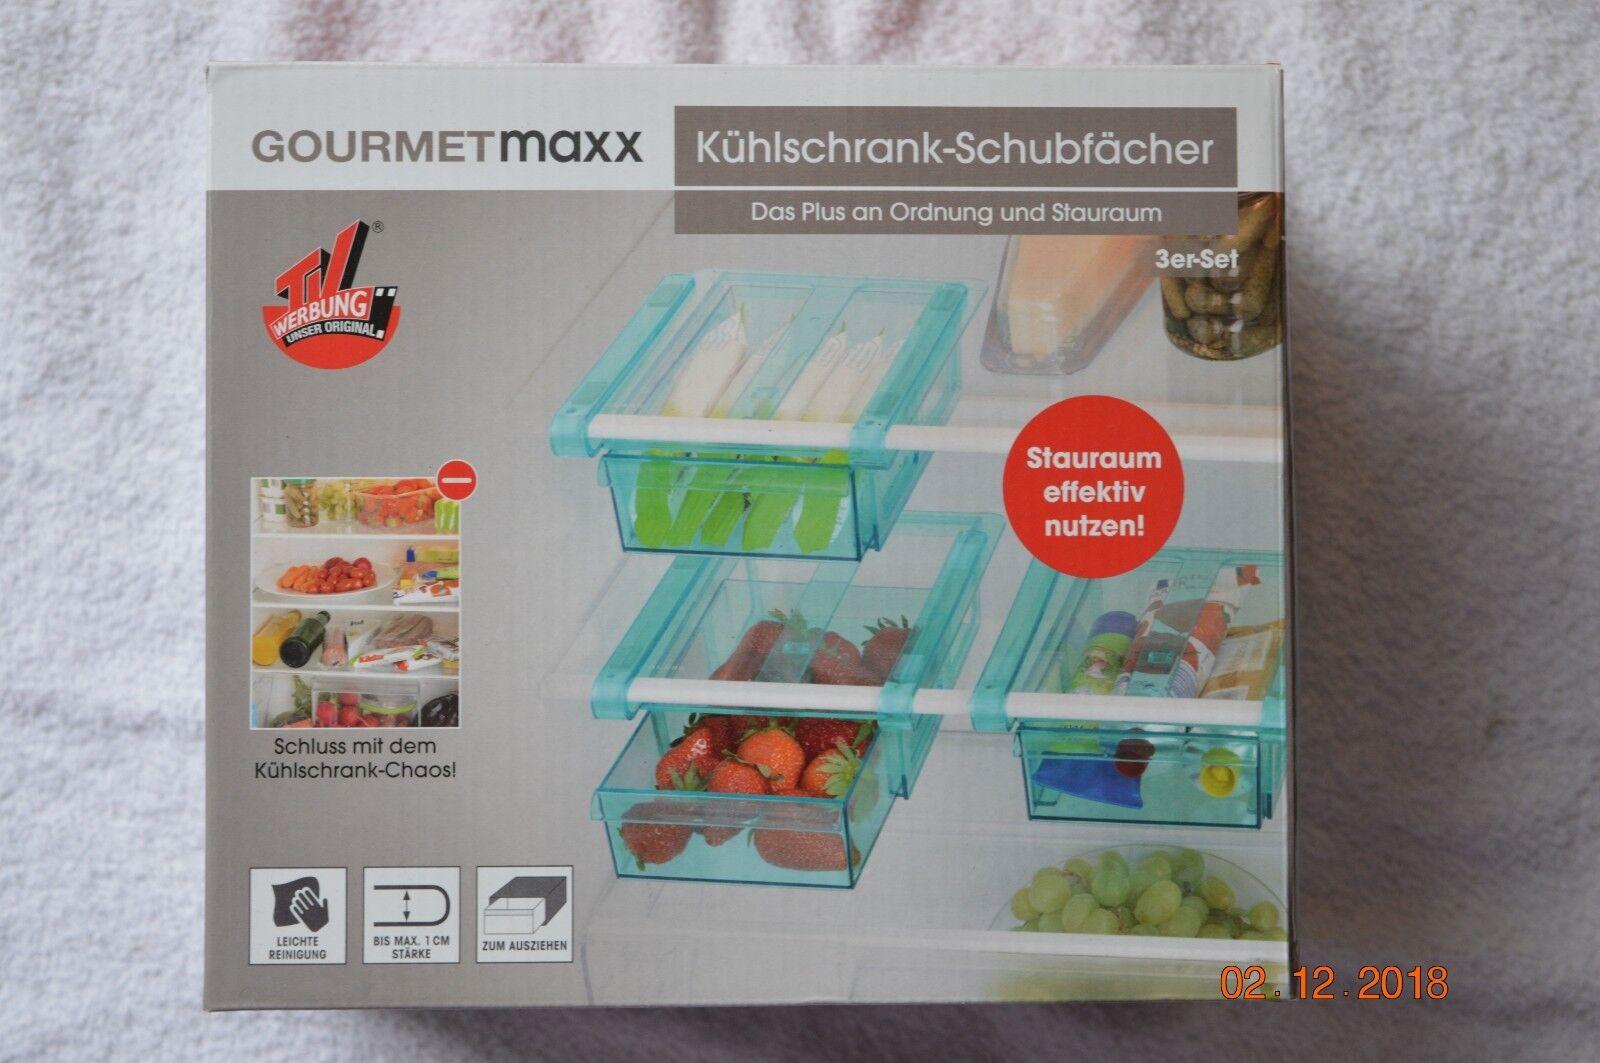 Kühlschrank Klemmschublade : Gourmetmaxx kühlschrank klemm schublade aufbewahrung ordnung ebay